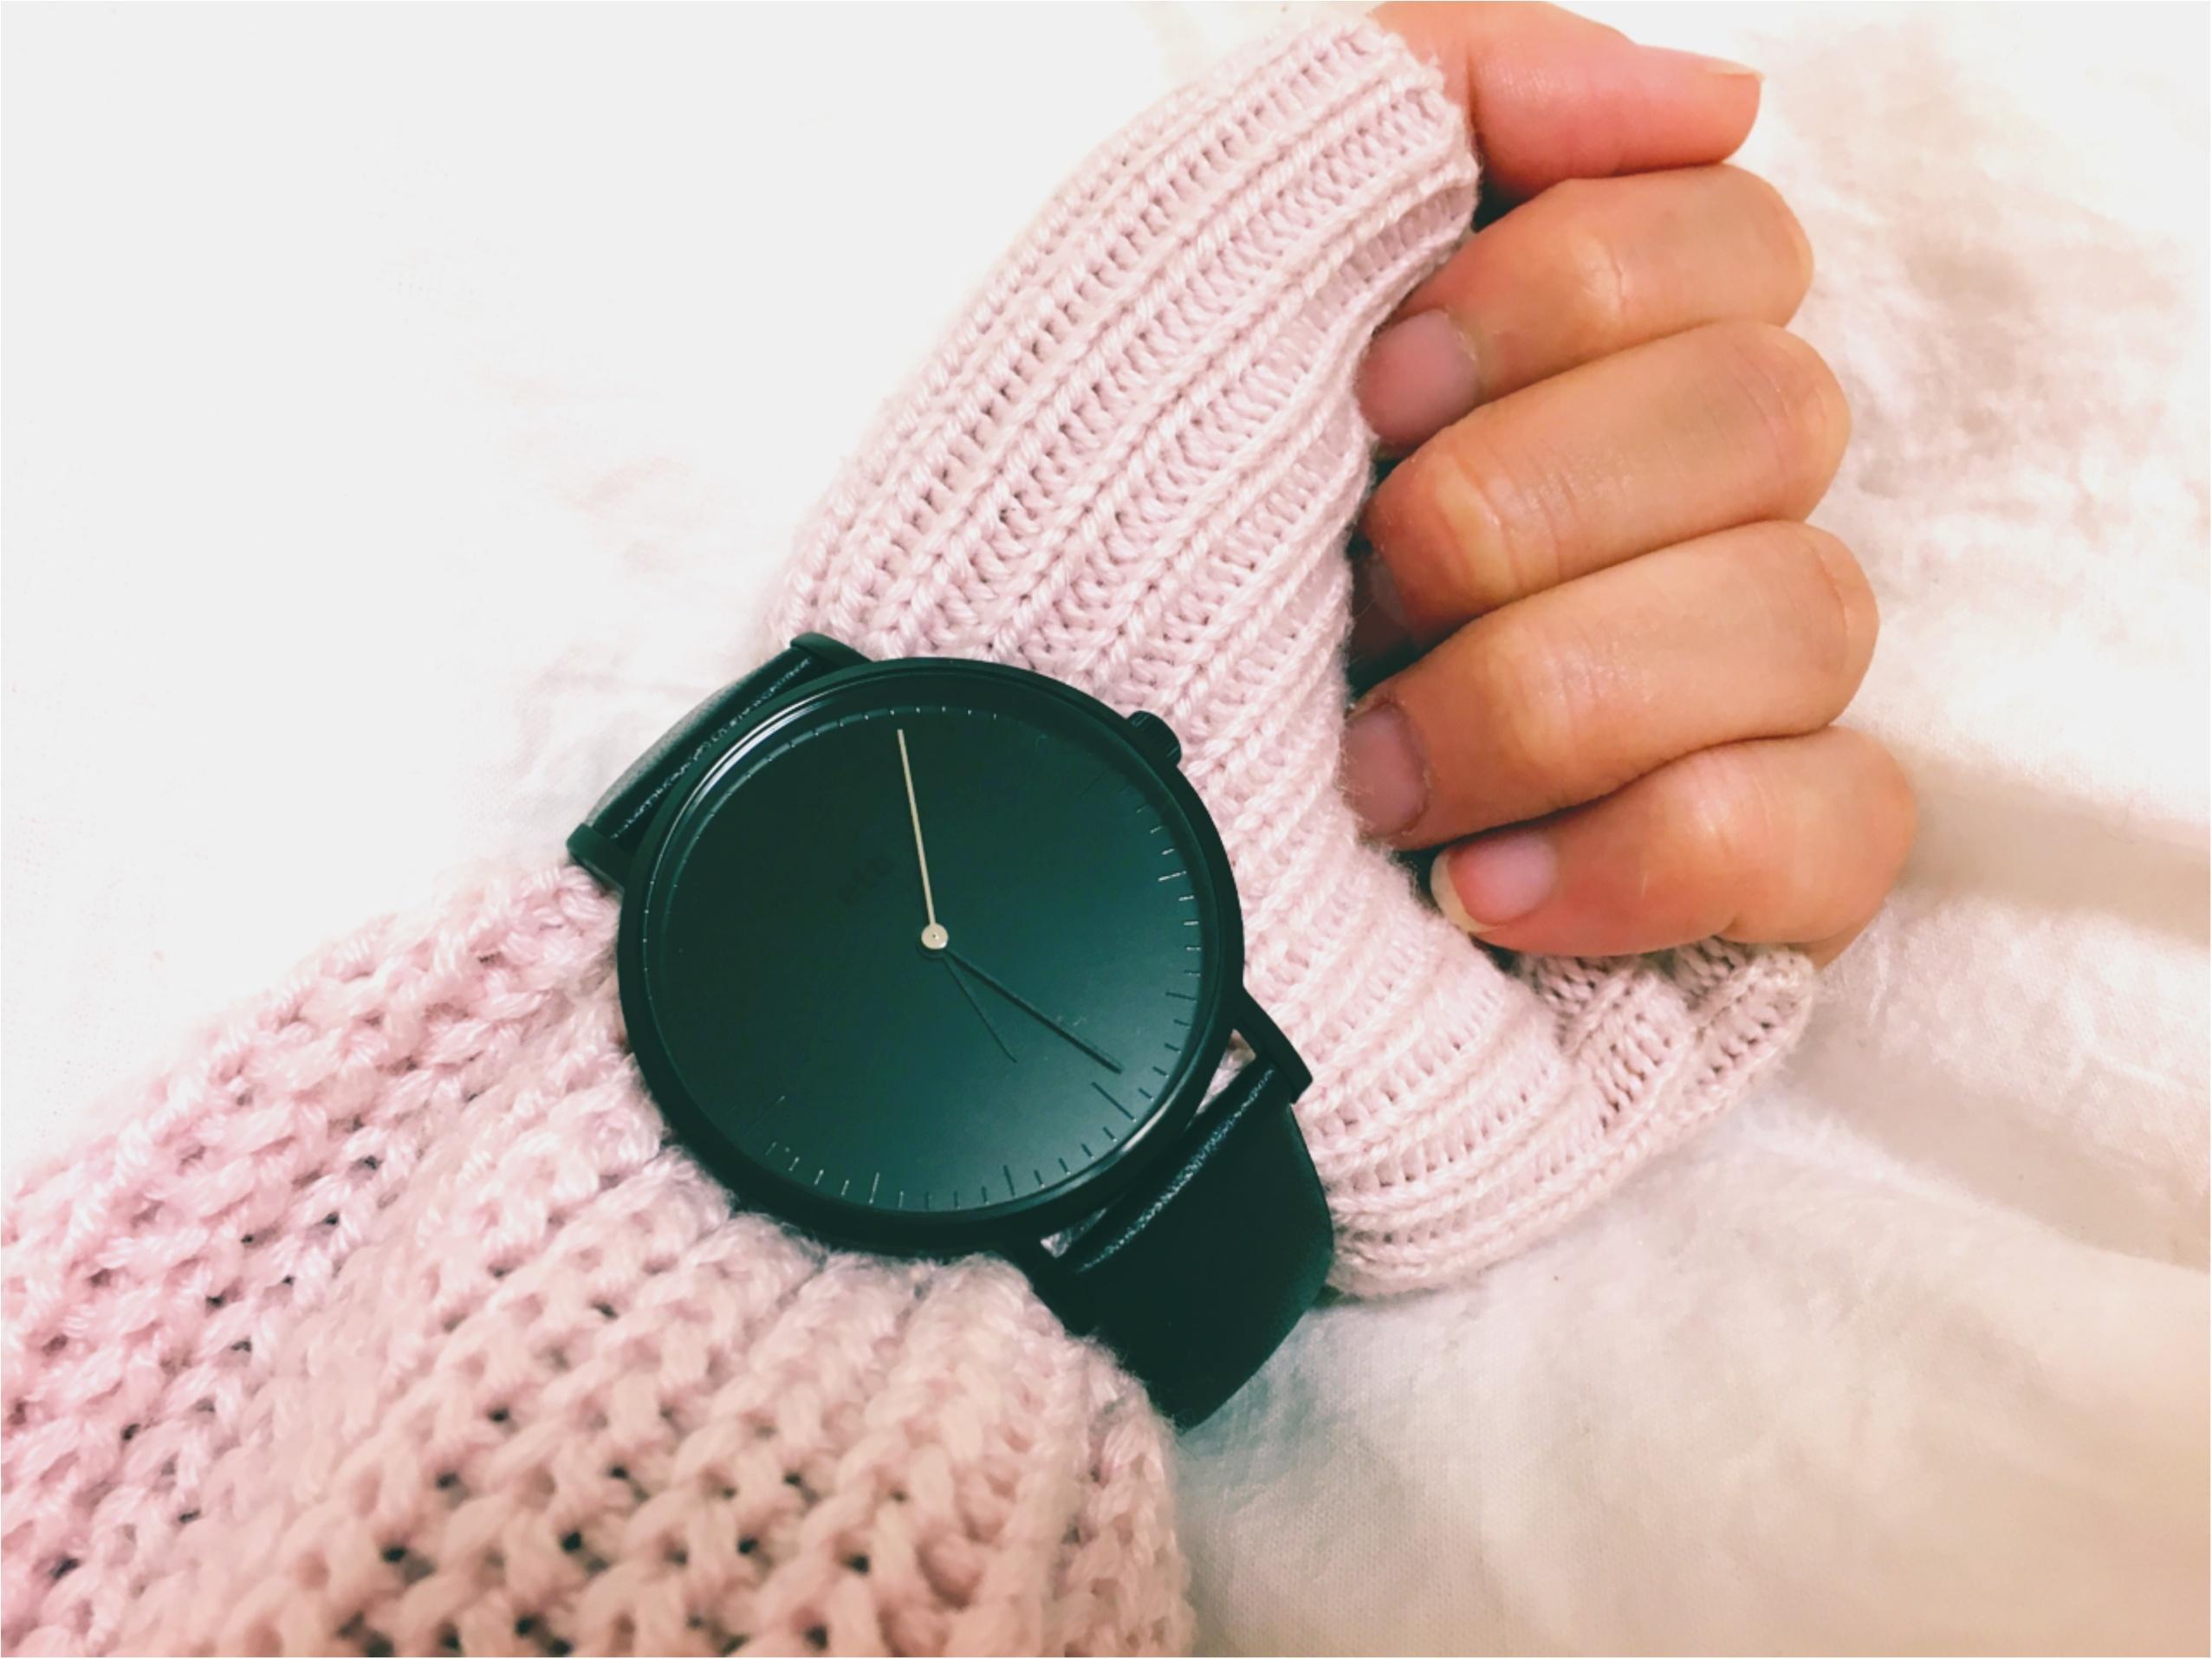 コレだけでやる気アップ!時計を1本買い足してみませんか?_3